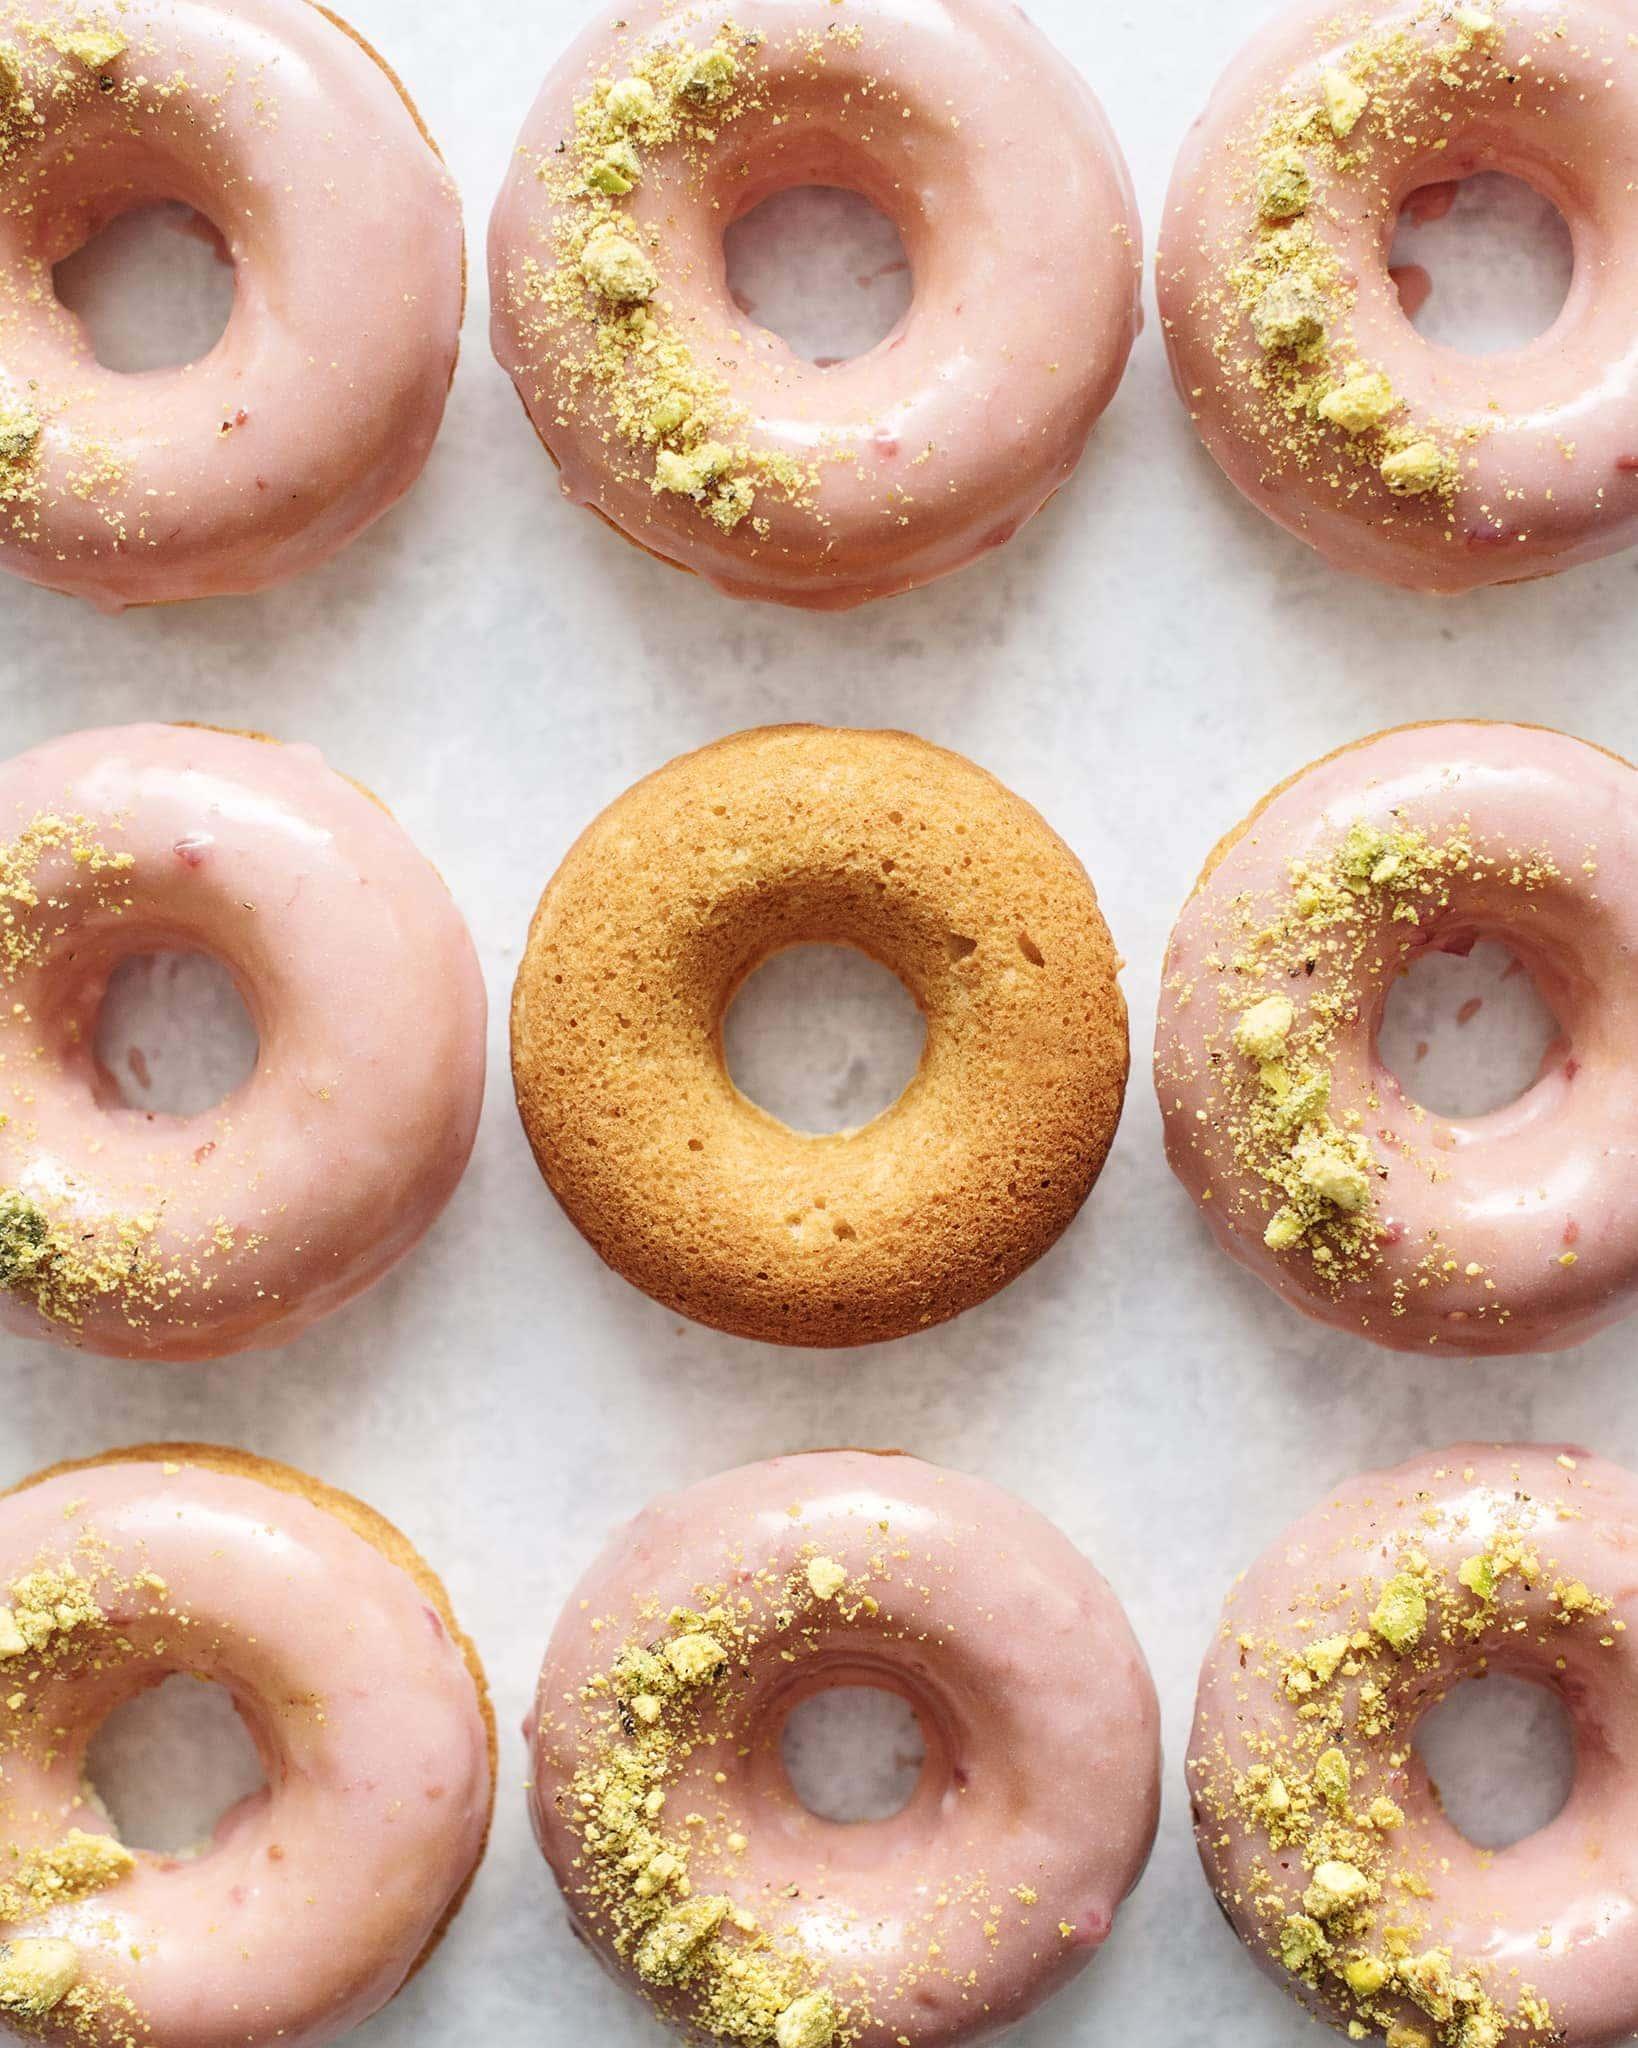 One unglazed donut surrounded by glazed raspberry pistachio donuts